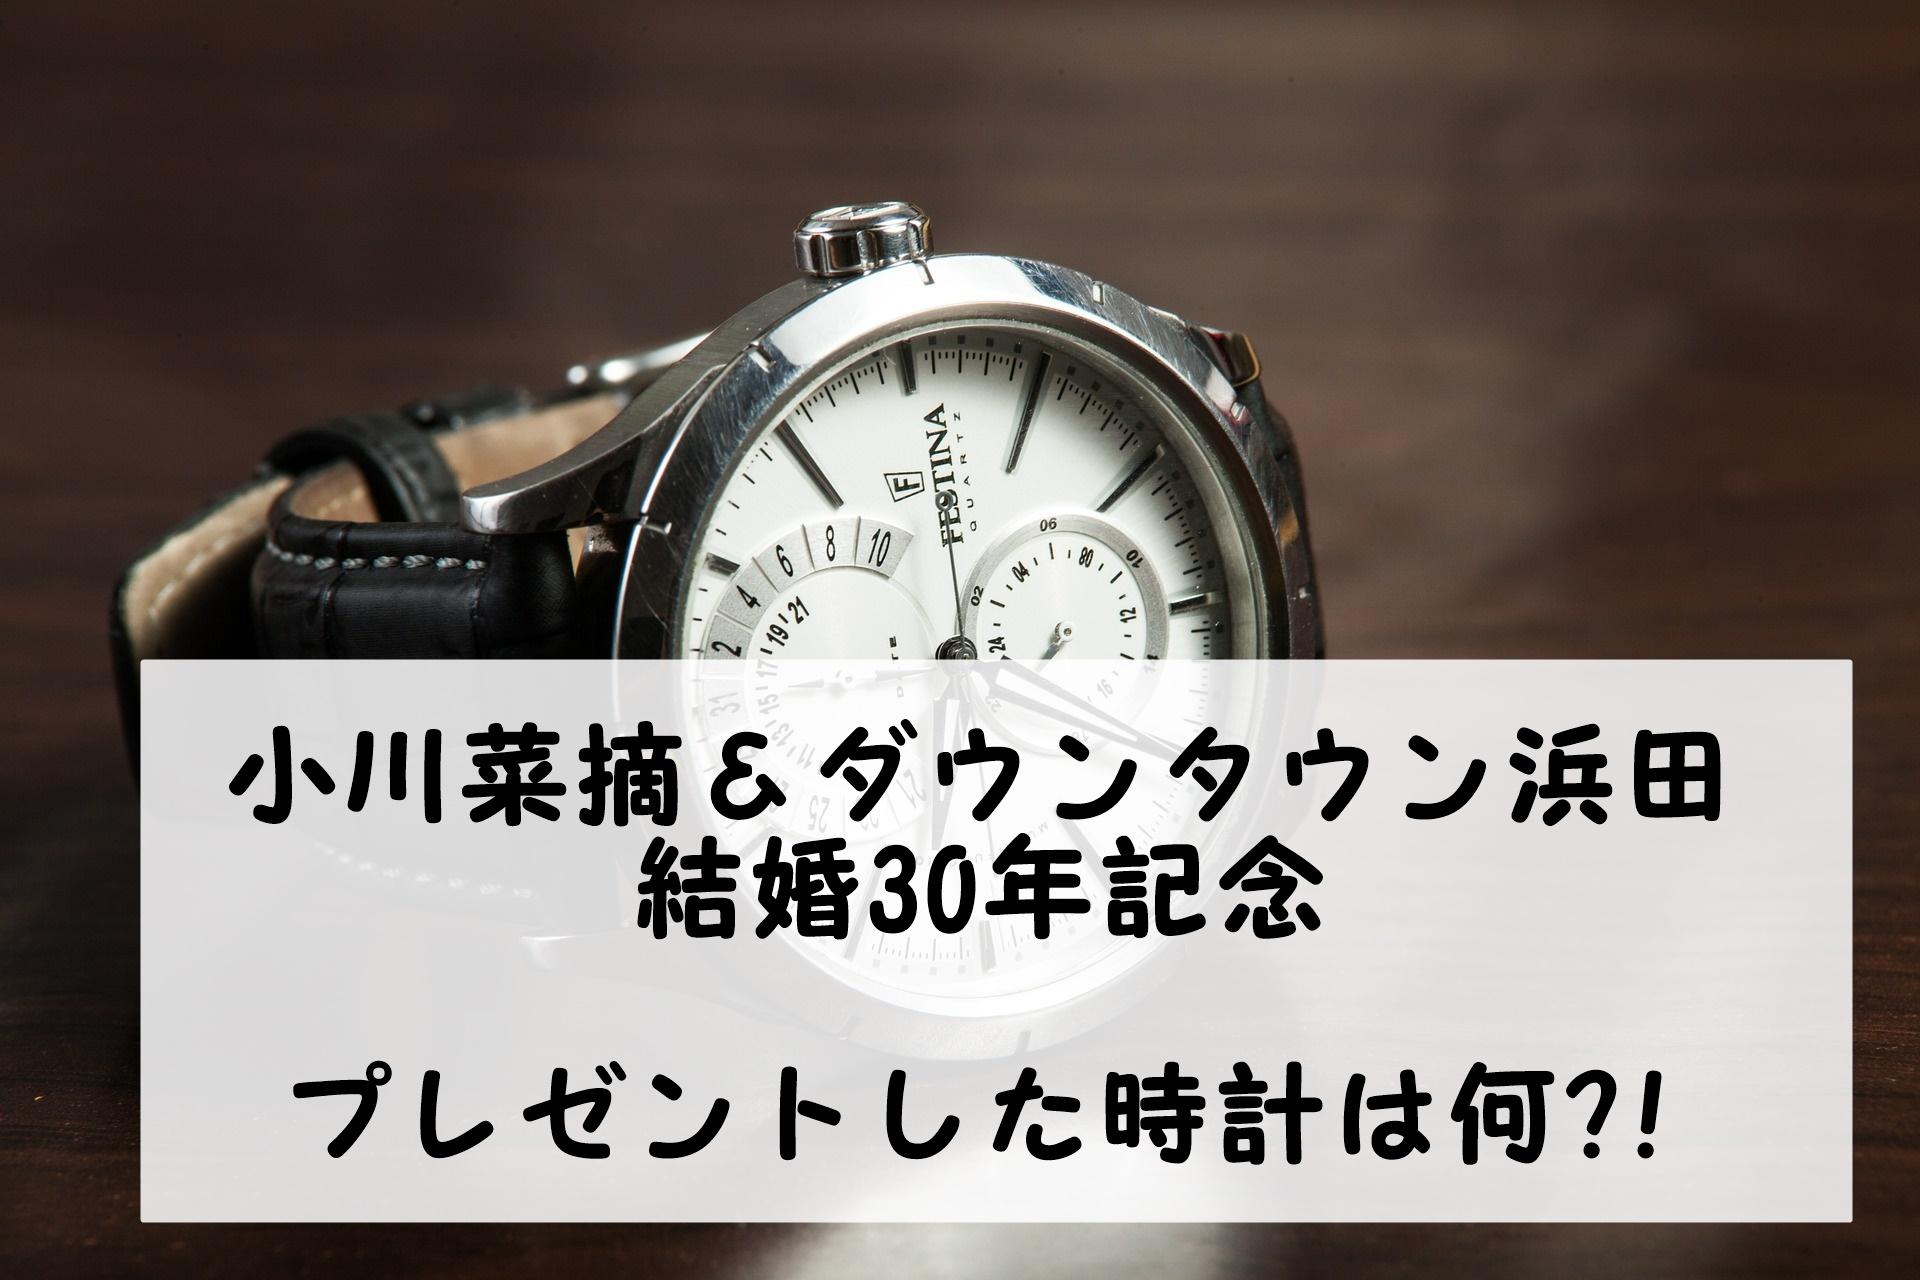 小川菜摘が結婚記念日でプレゼントした時計は何?みんなの感想は?